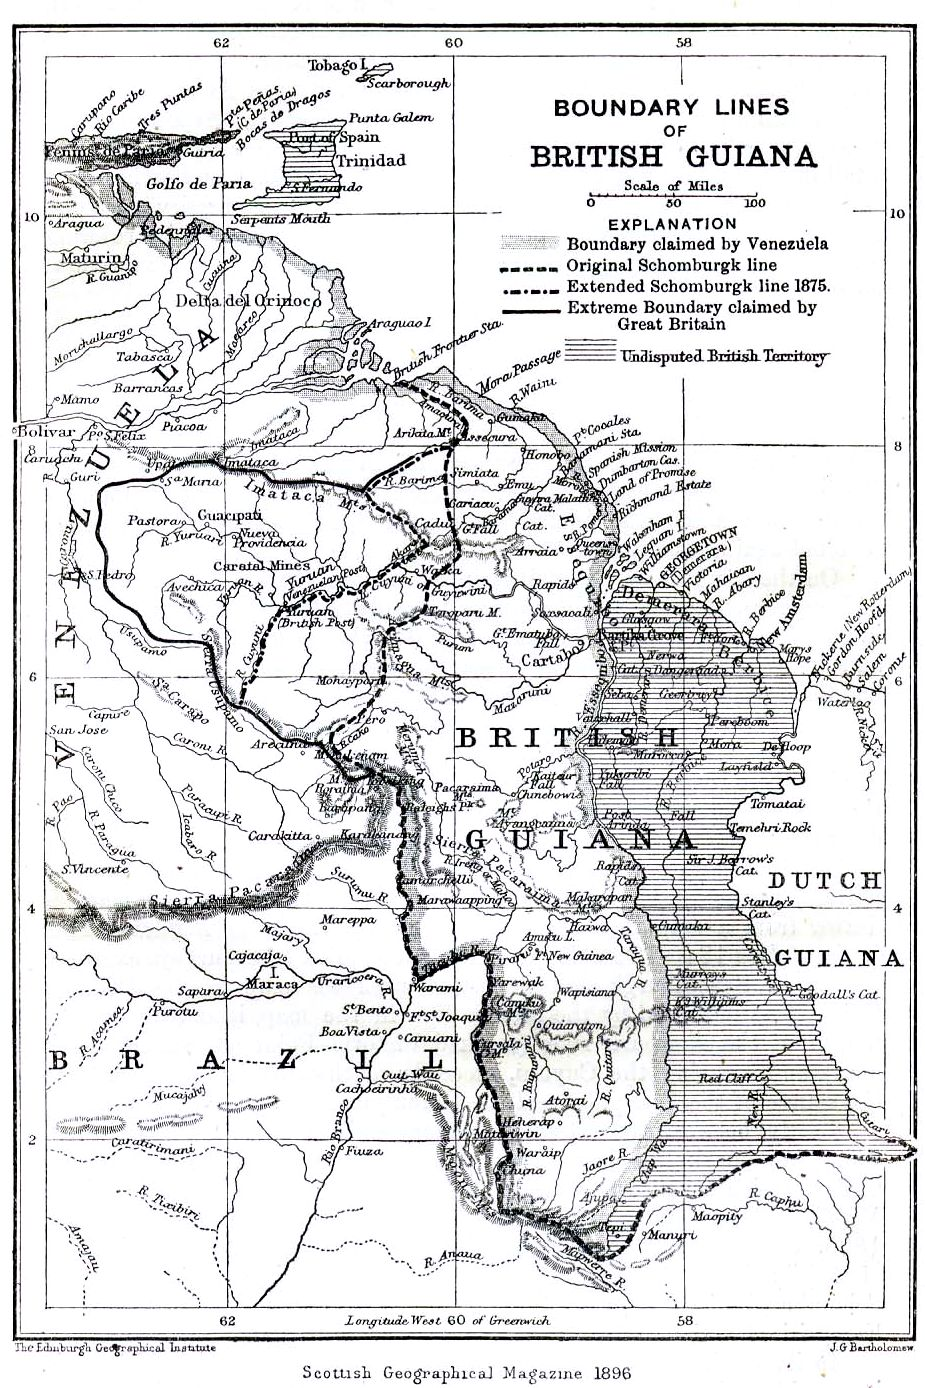 خريطة غيانا